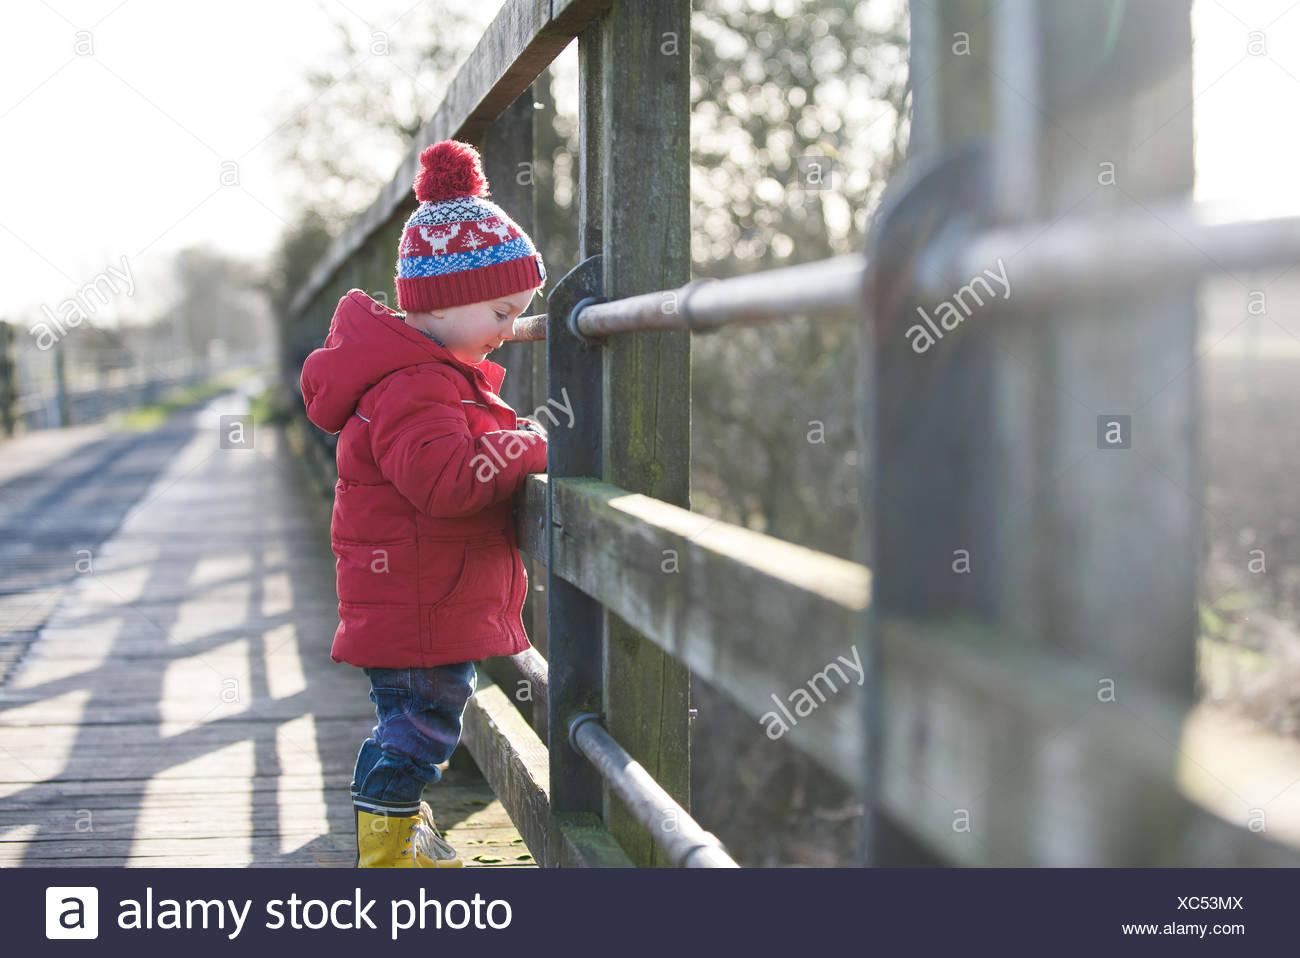 Junge auf einer Brücke nach unten am Fluss Stockbild